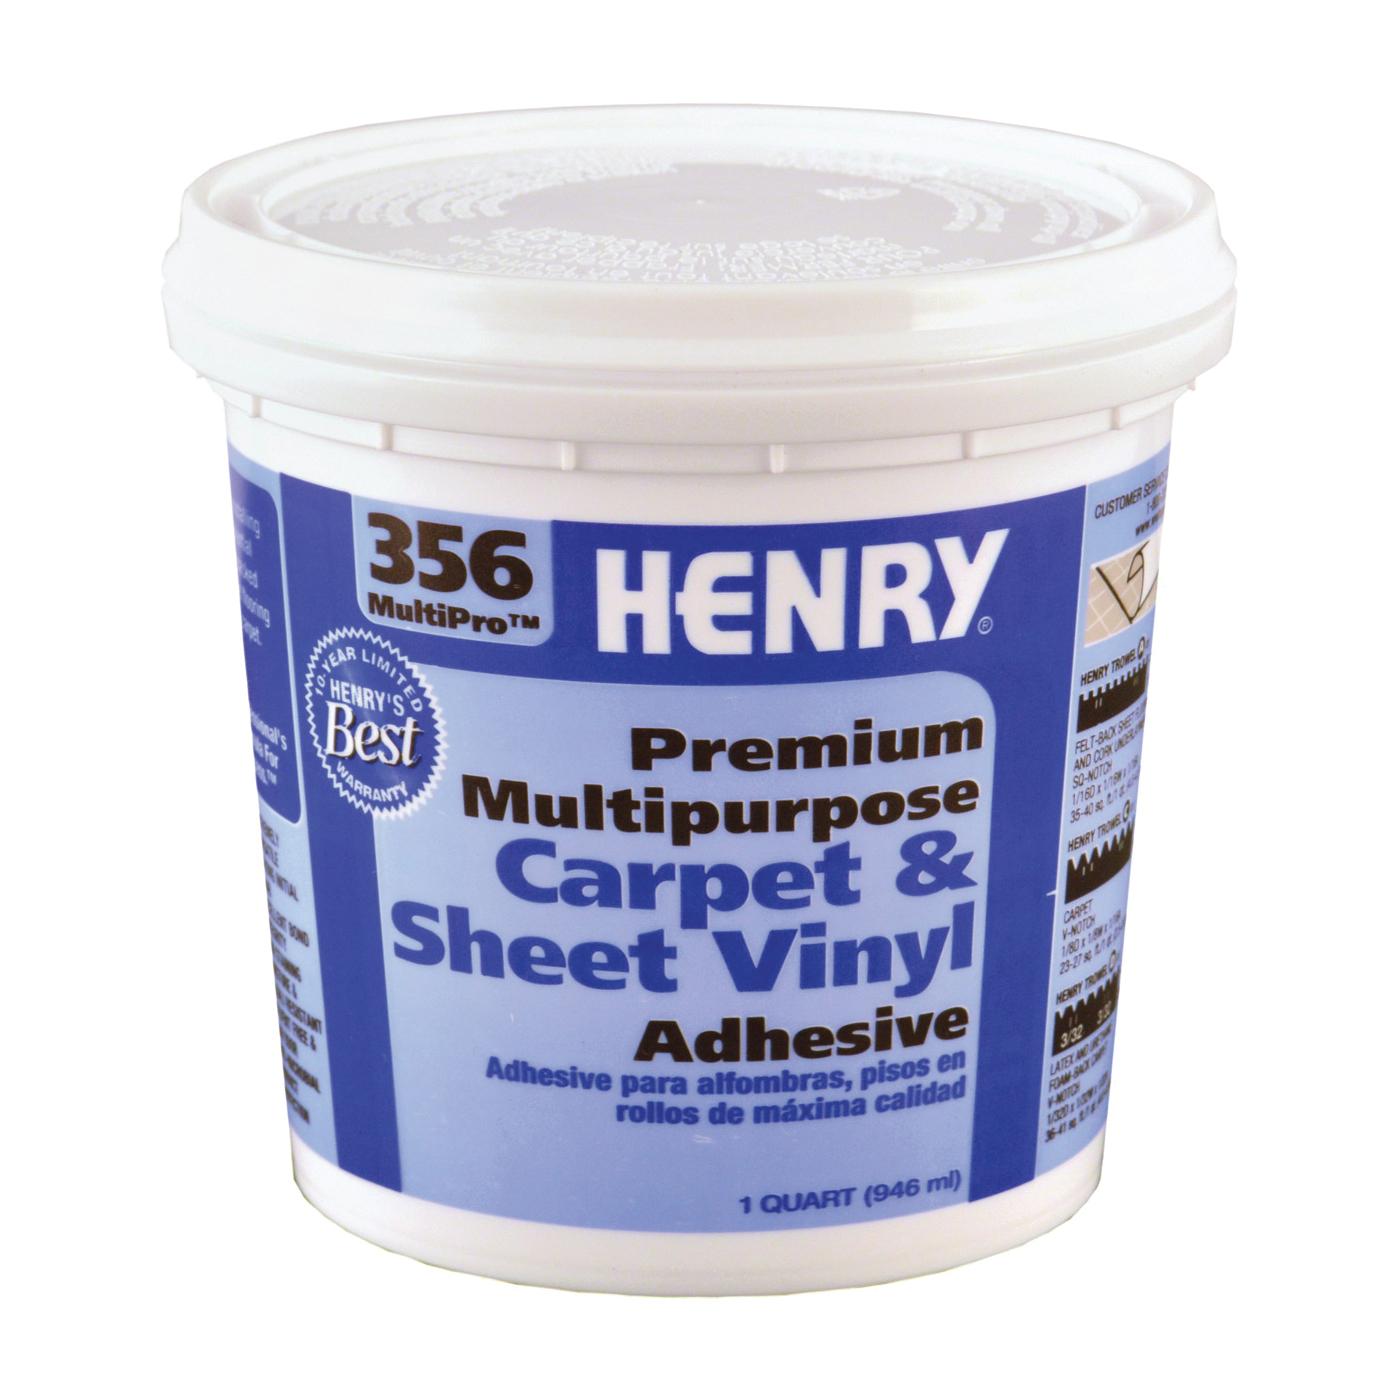 Henry 356-030